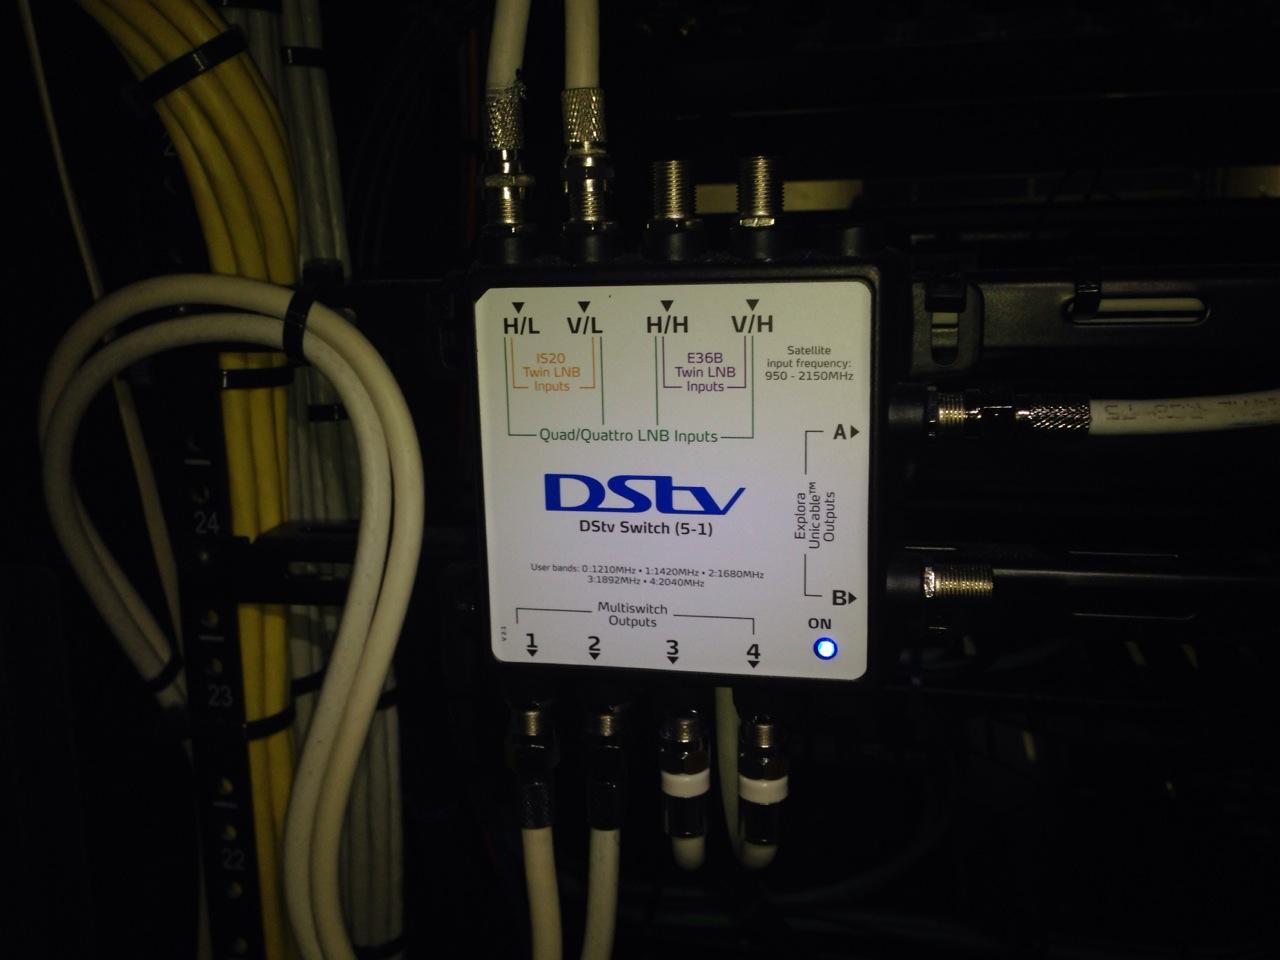 DSTV Satellite Switch